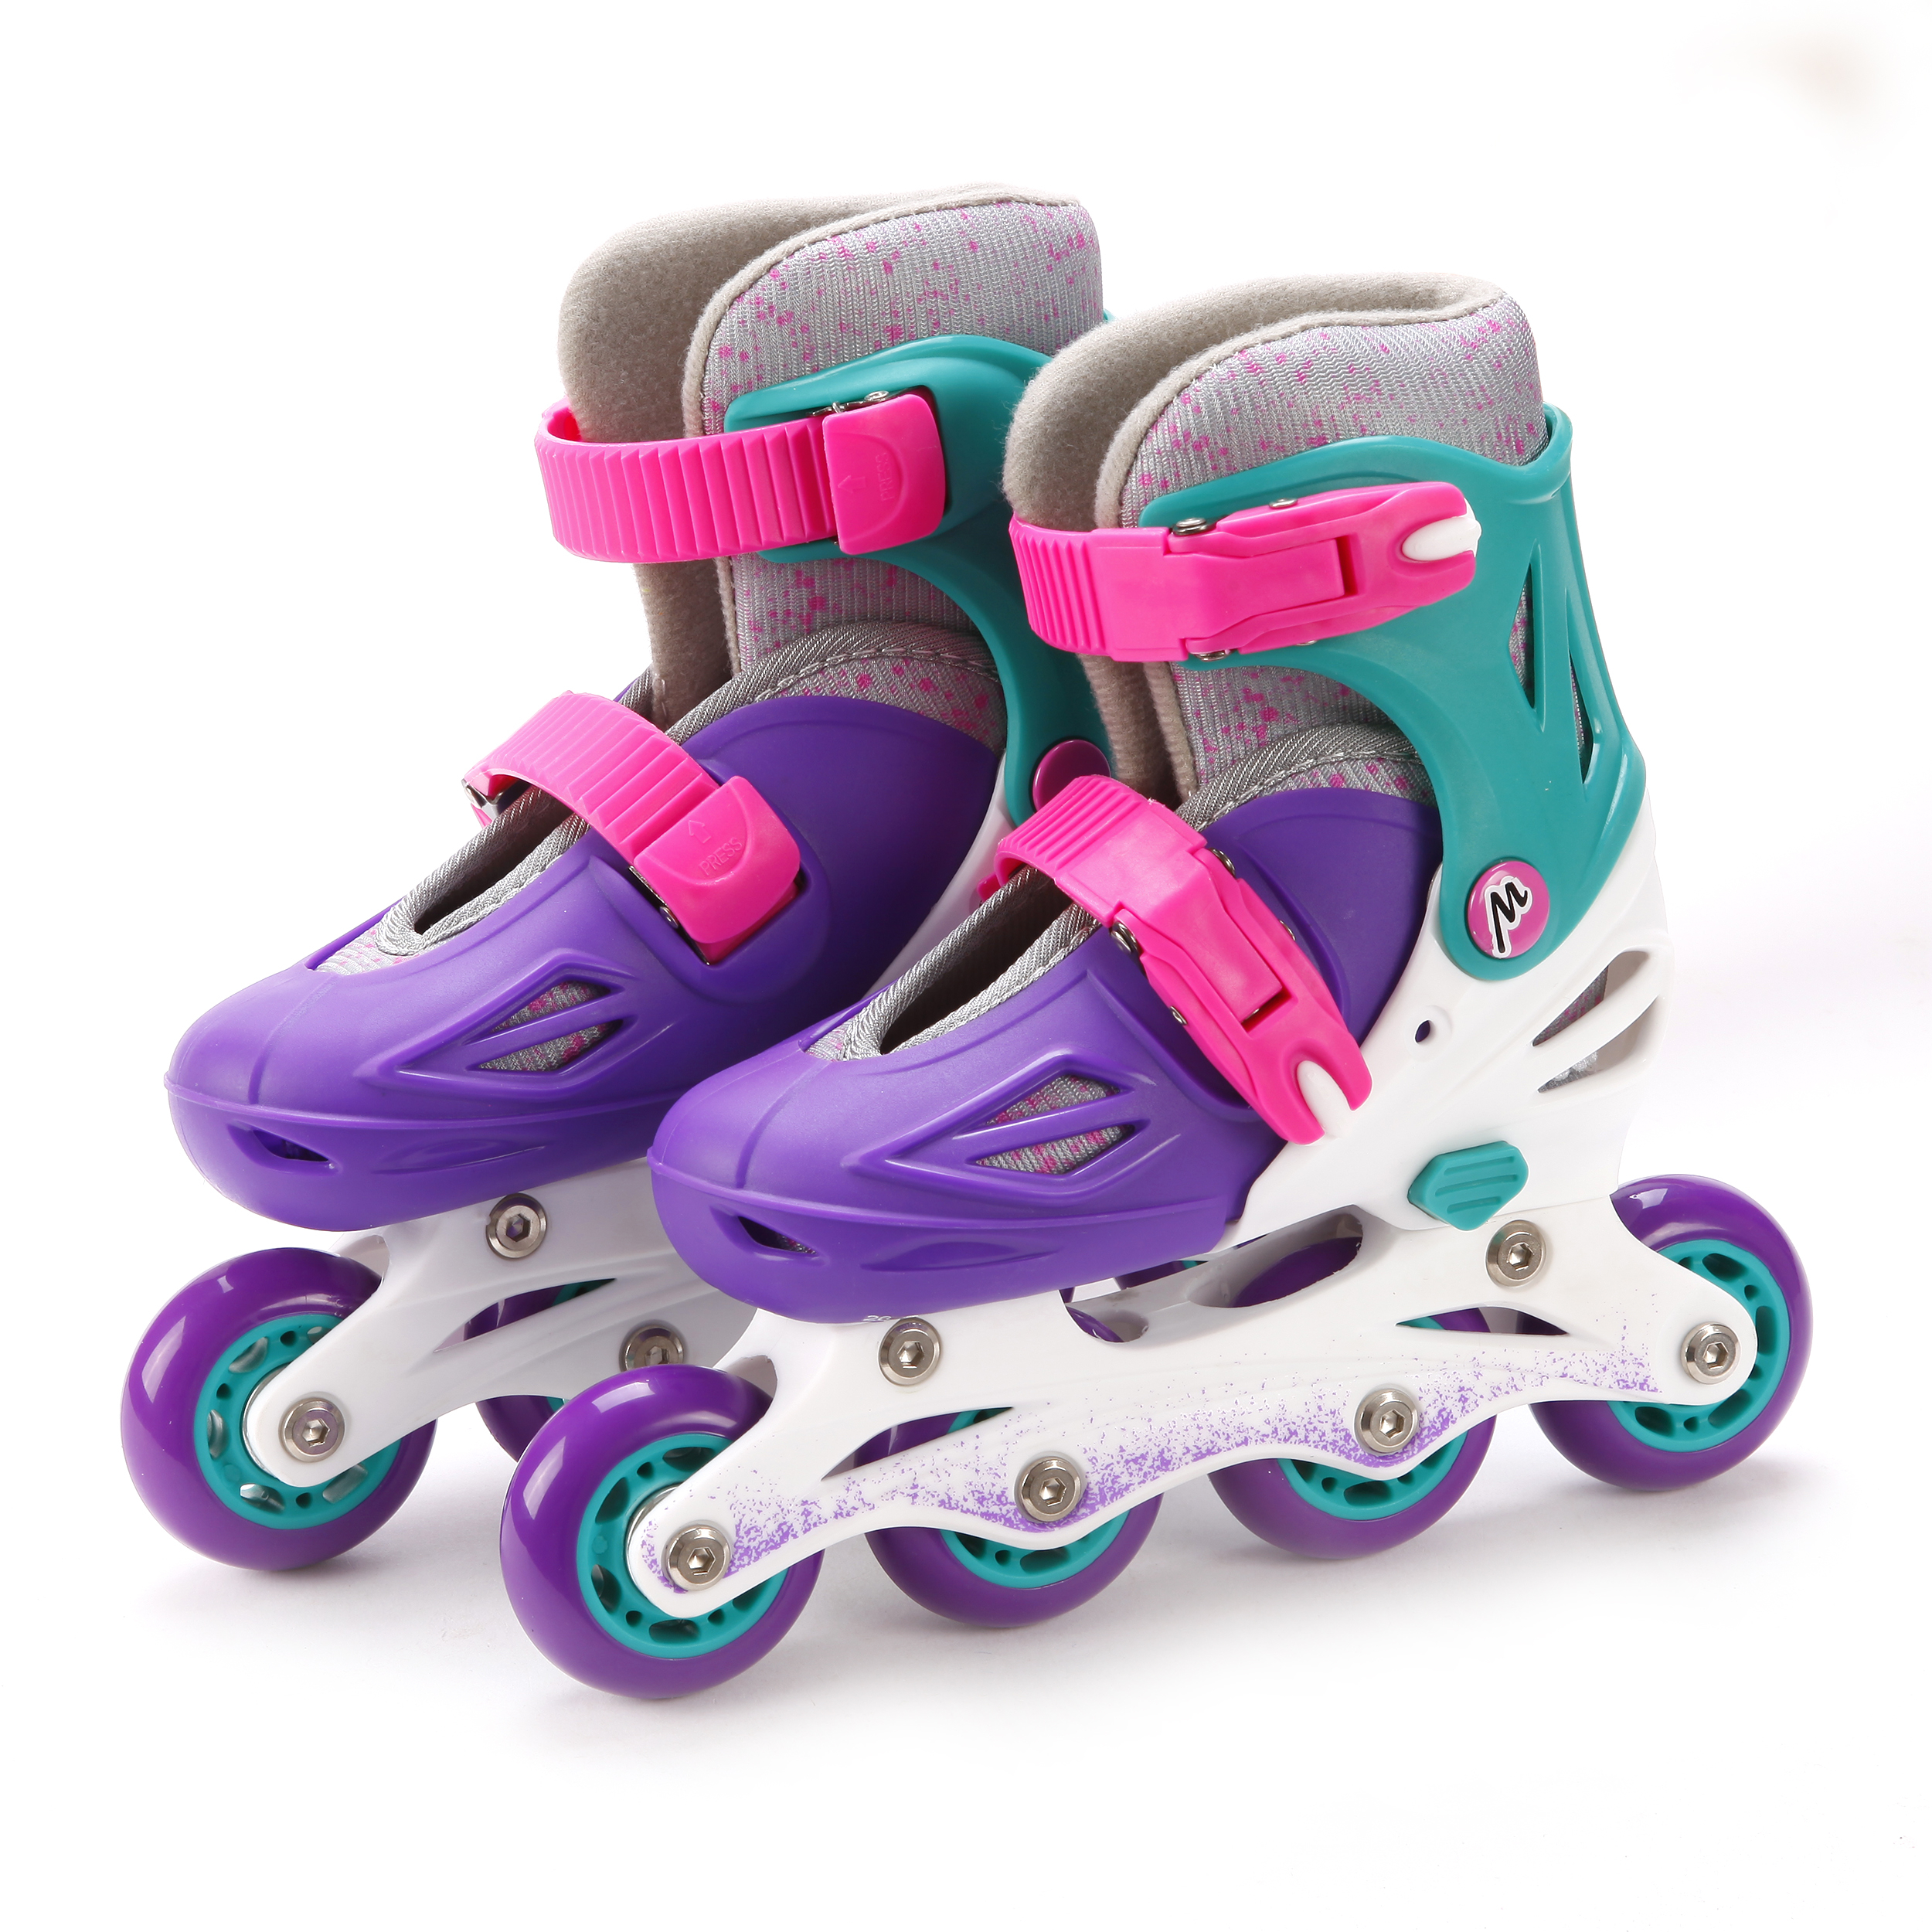 Ролики и скейтборды Moby Kids Коньки роликовые Moby Kids (26-29) раздвижные фиолетовые роликовые коньки cliff csp 168d3 l blue